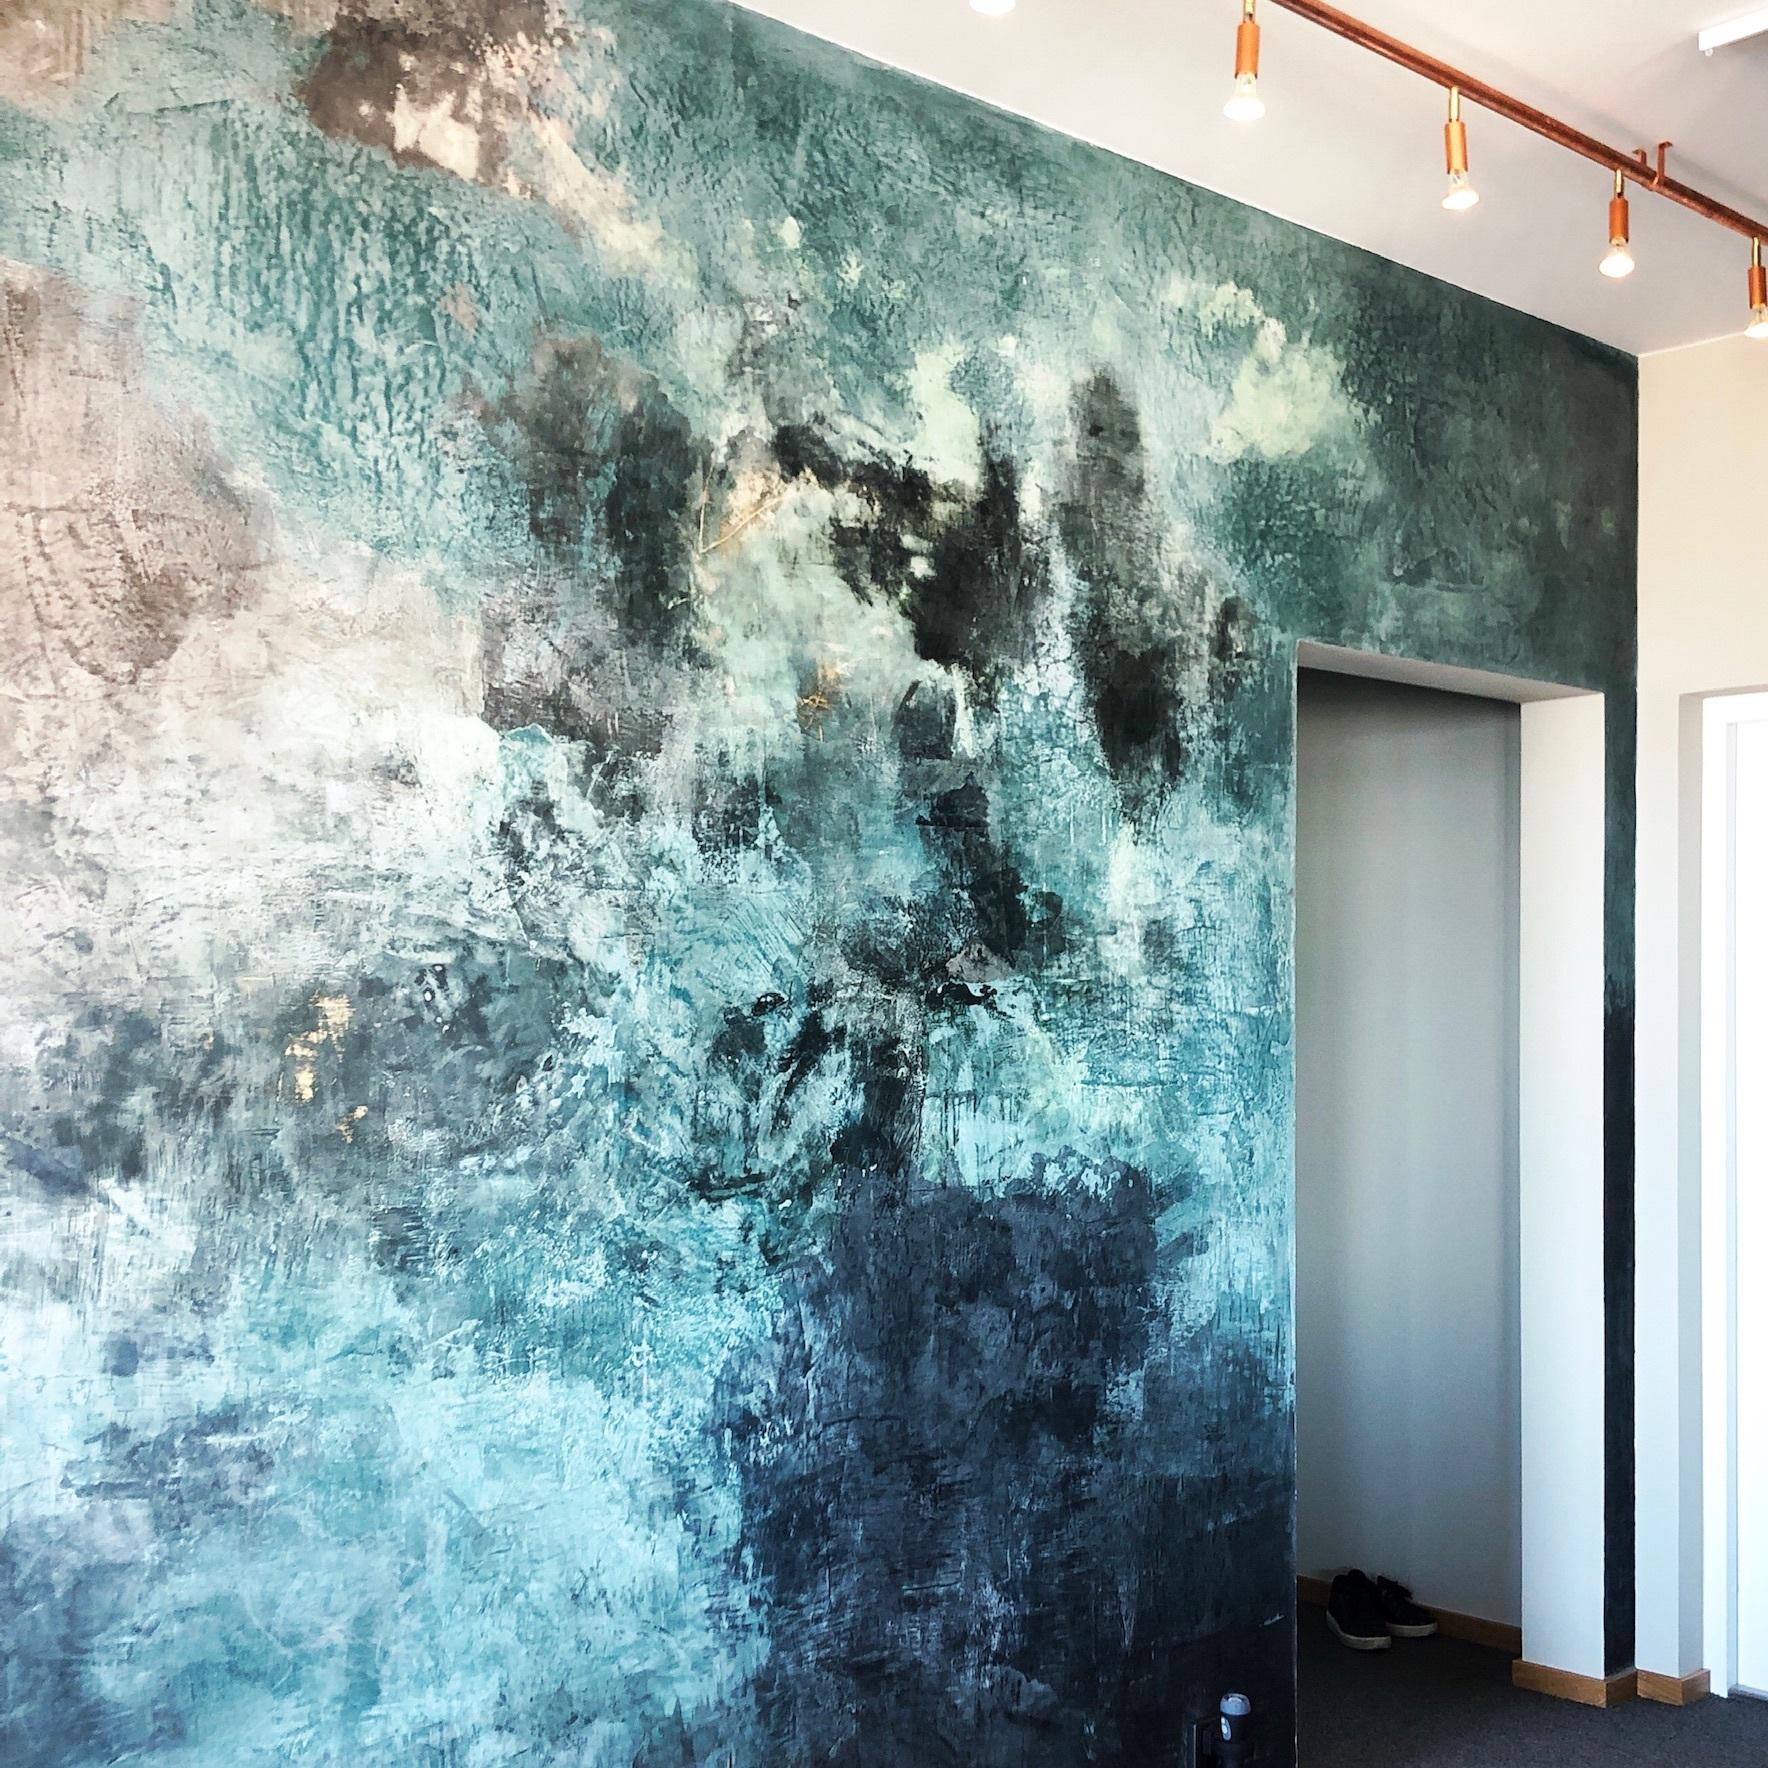 Väggmålning Malmö Live - Målning i tadelak teknik på vägg i våning i Malmö. Inspirerad av våningens omgivning. Se mer av målningen här på Instagram och läs om hela projektet här